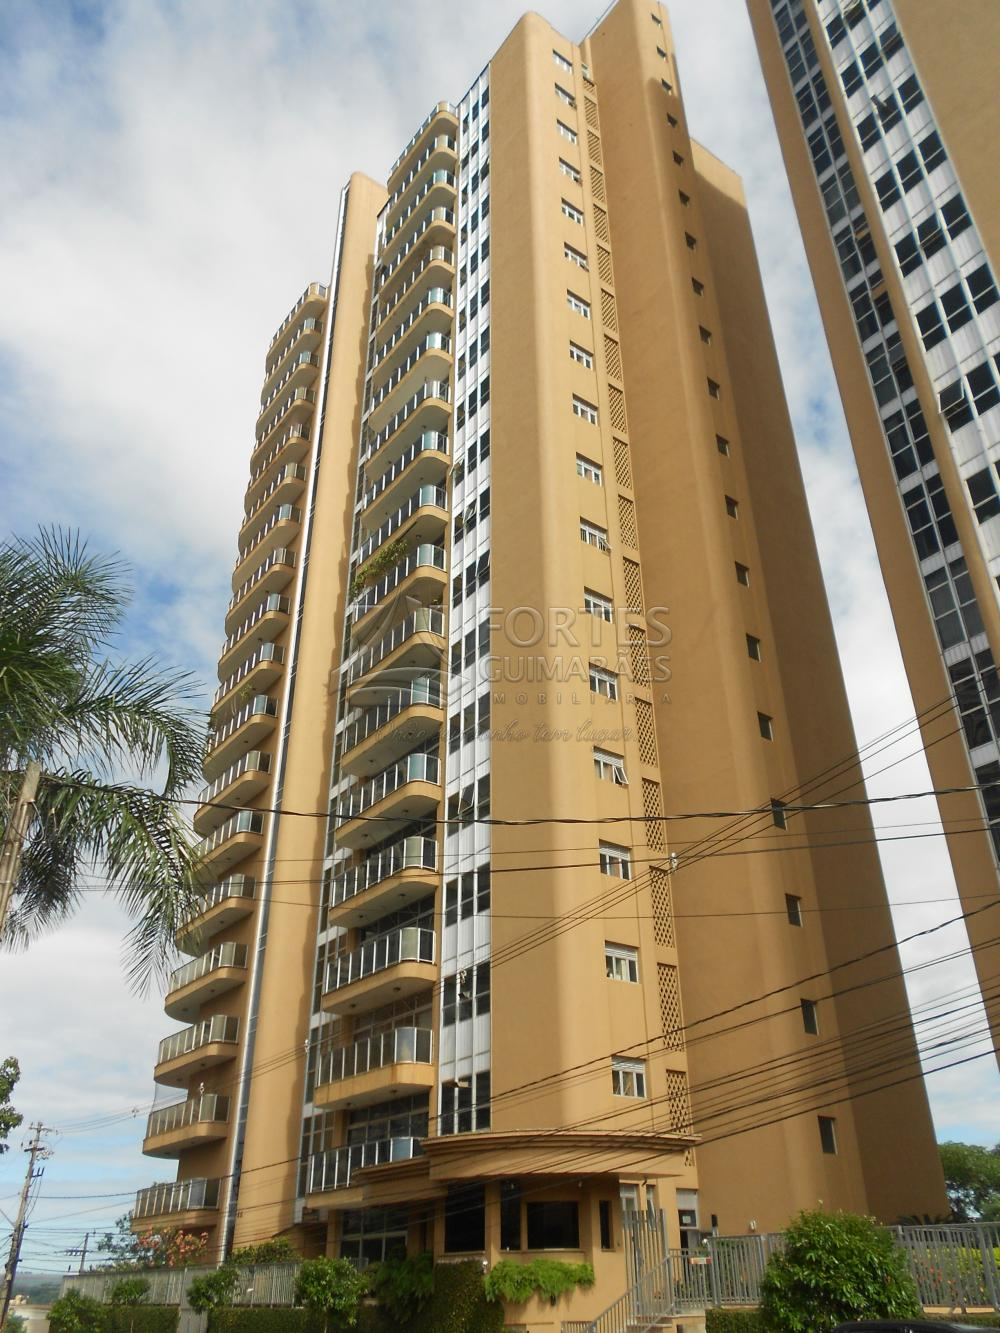 Alugar Apartamentos / Padrão em Ribeirão Preto apenas R$ 1.500,00 - Foto 77